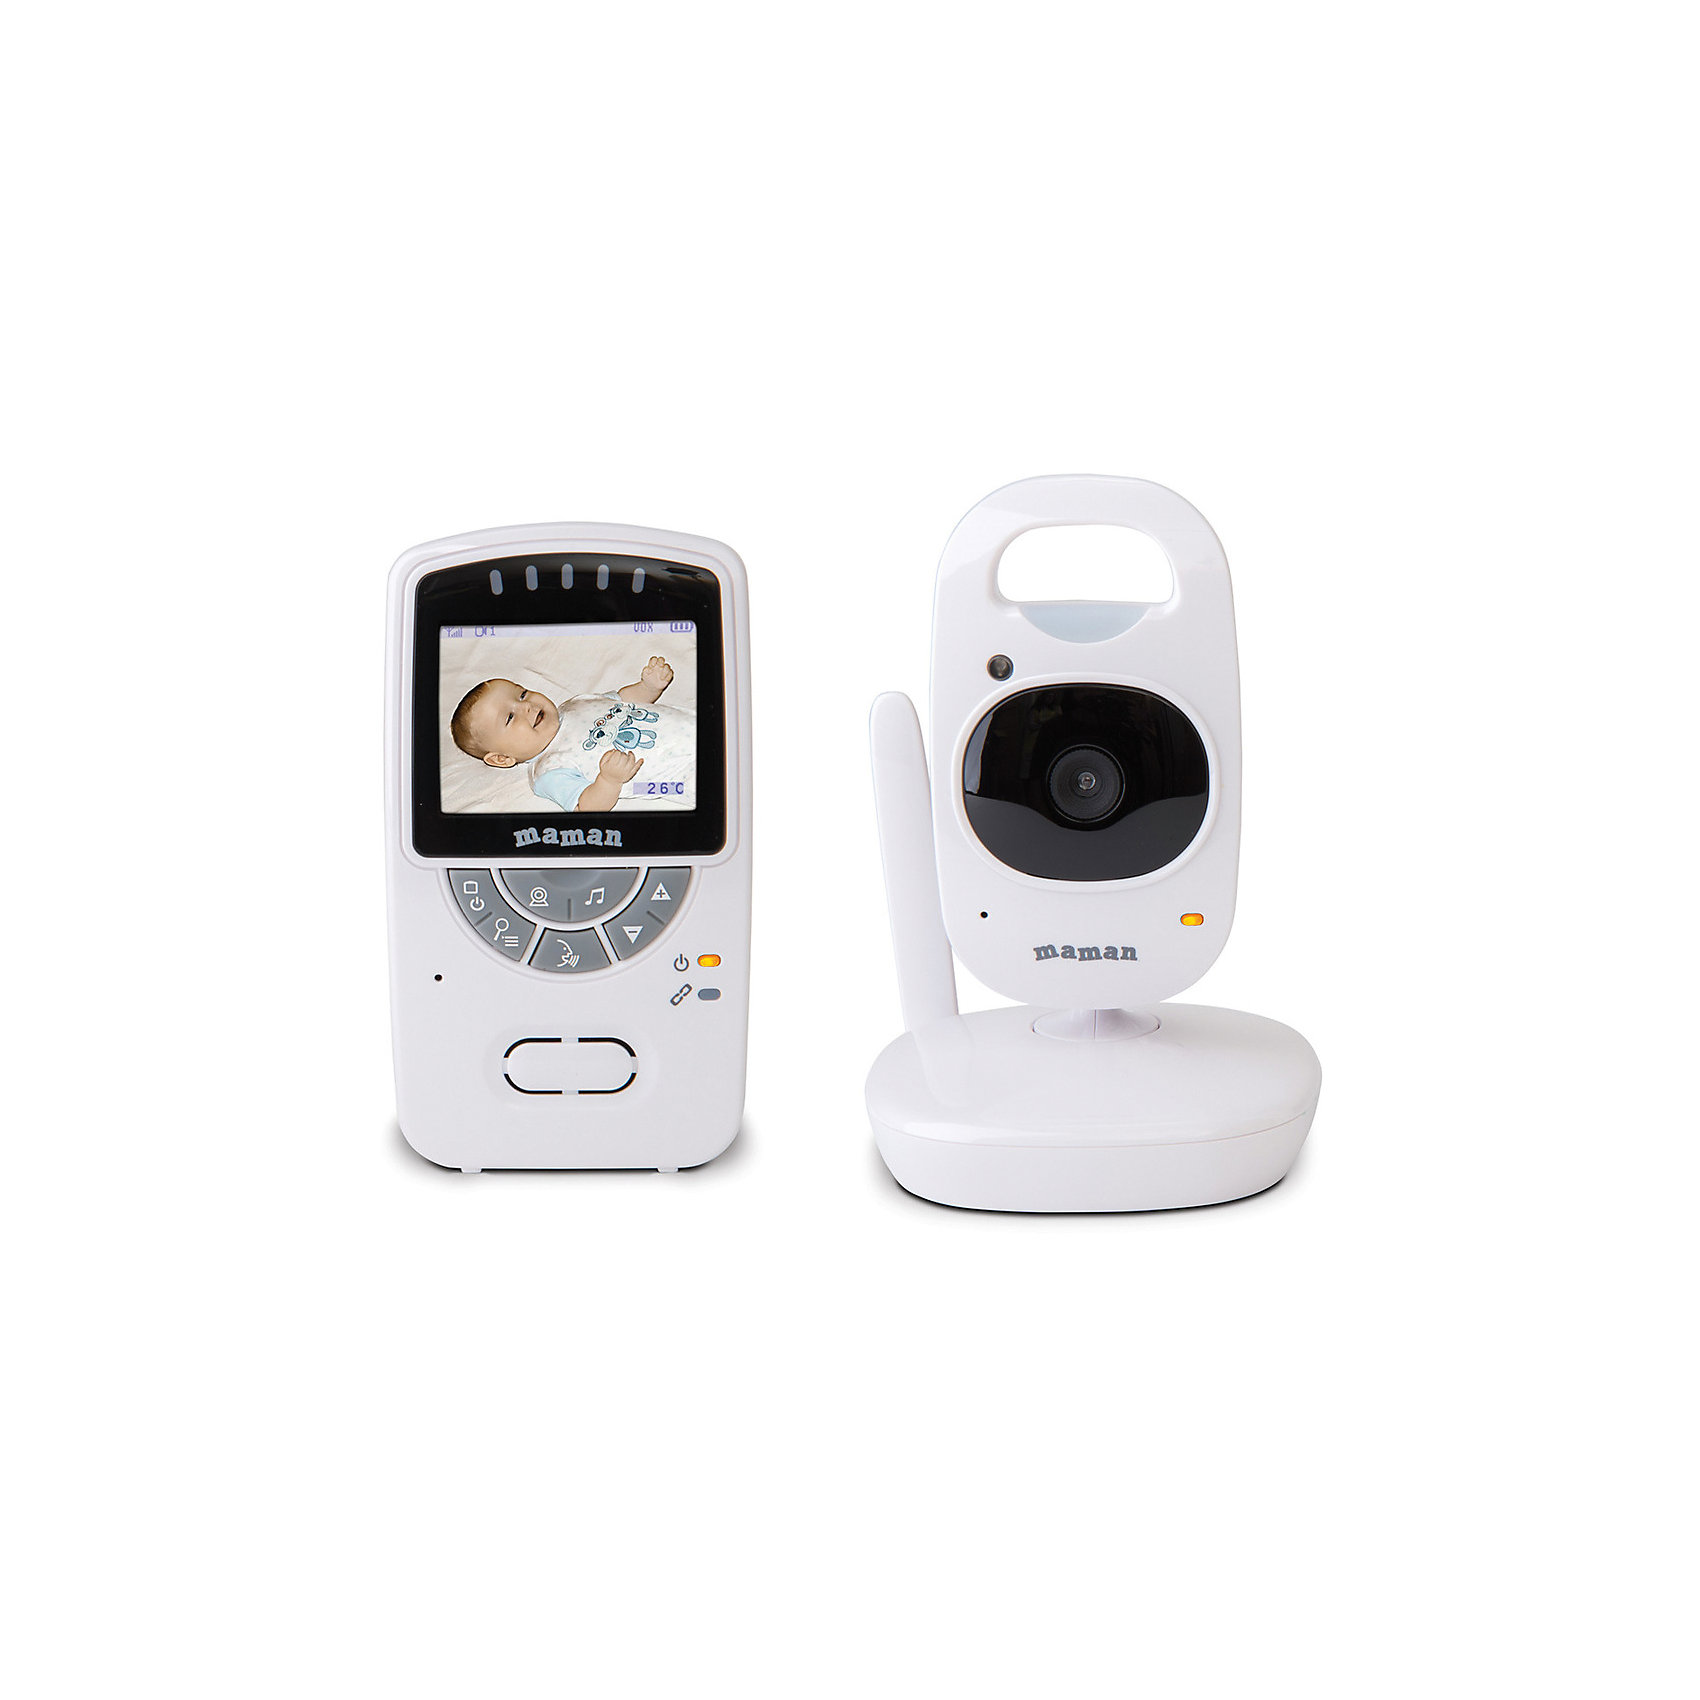 Видеоняня VM5401 MamanБезопасная видеоняня  VM5401 Maman - многофункциональное беспроводное устройство видеонаблюдения, благодаря которому малыш будет находиться под непрерывным контролем днем и ночью. Встроенная система подавления помех позволяет стабильно работать даже в неблагоприятных для связи условиях, легко справляясь с преградами в виде стен и прочими помехами. Цветной дисплей с диагональю 2,4 и 2-кратное приближение изображения позволяют увидеть даже малейшие изменения в поведении и состоянии ребенка. В устройство встроены ночник с дистанционным включением, термометр, колыбельные мелодии и обратная связь, функция ночного видения и вибросигнал. Предусмотрена работа от автономных источников питания на случай внезапного отключения электричества или для работы в условиях отсутствия возможности подключить устройство к сети. Видеоняня VM5401 Maman - прекрасный вариант для малышей и их родителей! <br><br>Дополнительная информация:<br><br>- Материал: пластик, металл.<br>- Размер: <br>- Радиус действия в помещении: 300 м<br>- Диагональ дисплея: 2.4<br>- 2-кратное приближение изображения. <br>- Инфракрасные диоды: 6 шт <br>- Рабочая частота: 2,4 Гц.<br>- Индикация родительского блока: температура.<br>- Масштабирование изображения. <br>- Вибросигнал.<br>- Система ИК ночного видения.<br>- Двусторонняя связь.<br>- Колыбельные мелодии<br>- Ночник.<br>- Термометр.<br>- Клипса для крепления к ремню.<br>- Регулировка яркости.<br>- Питание детского блока: от сети 220В; сменный батарея (не входит в комплект).<br>Питание родительского блока: от сети 220В; сменный аккумулятор (не входит в комплект).<br>- Время автономной работы: 8 ч.<br>- Комплектация: камера (детский блок) - 1 шт, монитор (родительский блок) - 1 шт, аккумуляторная батарейка для монитора - 1 шт, подставка с адаптером для зарядки монитора - 1 шт, сетевой адаптер для камеры - 1 шт, руководство пользователя - 1 шт.<br><br>Видеоняня VM5401 Maman (Маман) можно купить в нашем магазине.<br><br>Ширина мм: 100<br>Глубин